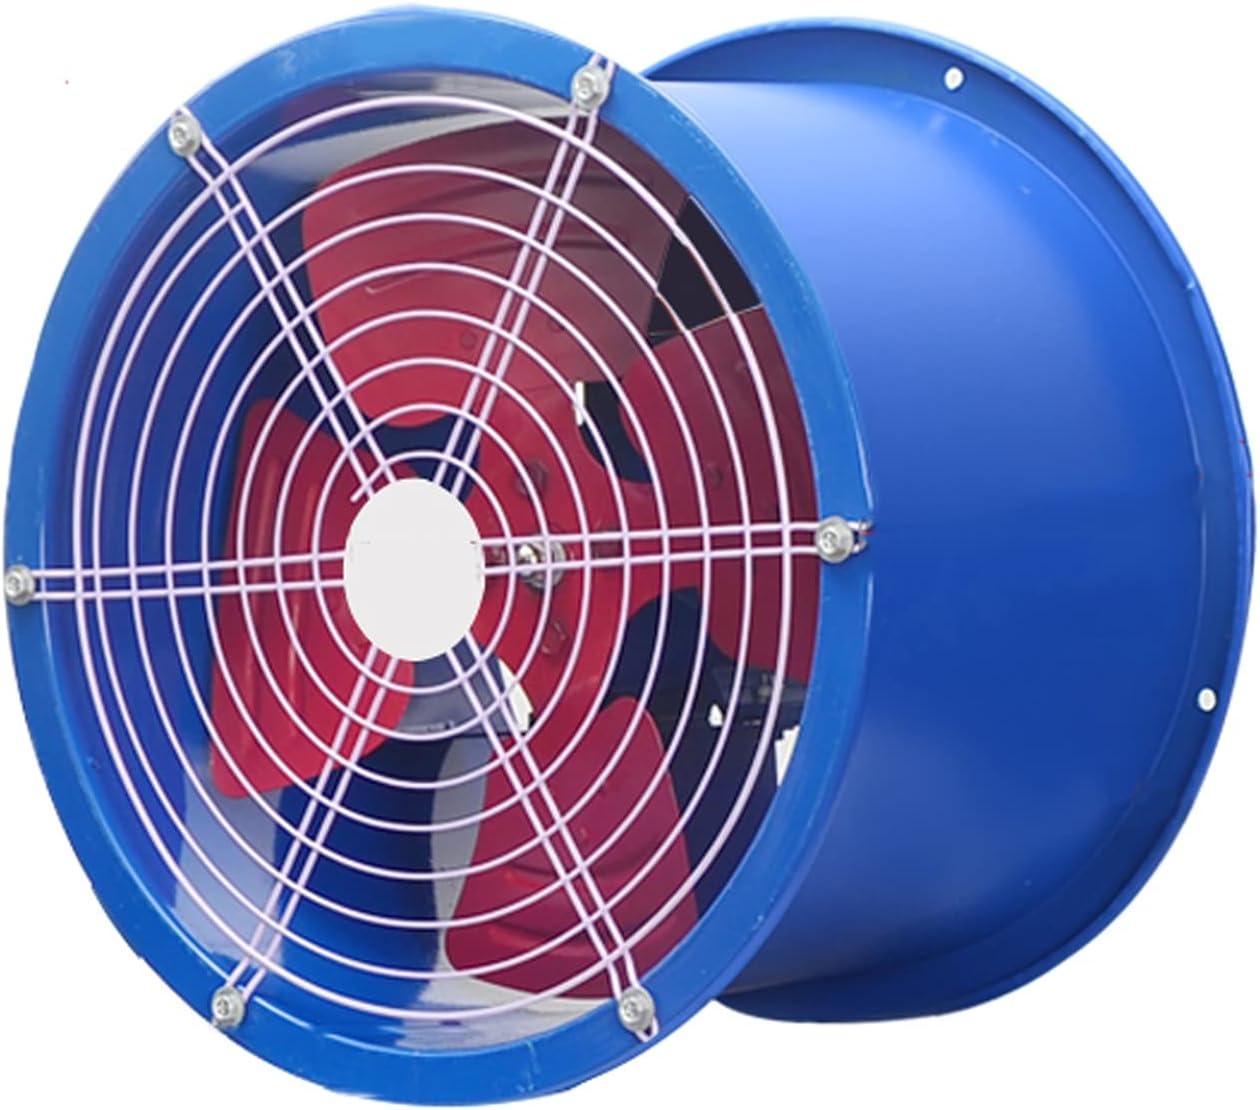 Ventilador extractor Ventilador axial con soporte de motor Granja de alta potencia, ventilador de escape, ventilador de escape de conducto, potente, ventilador de ventilación industrial, azul Ventilad